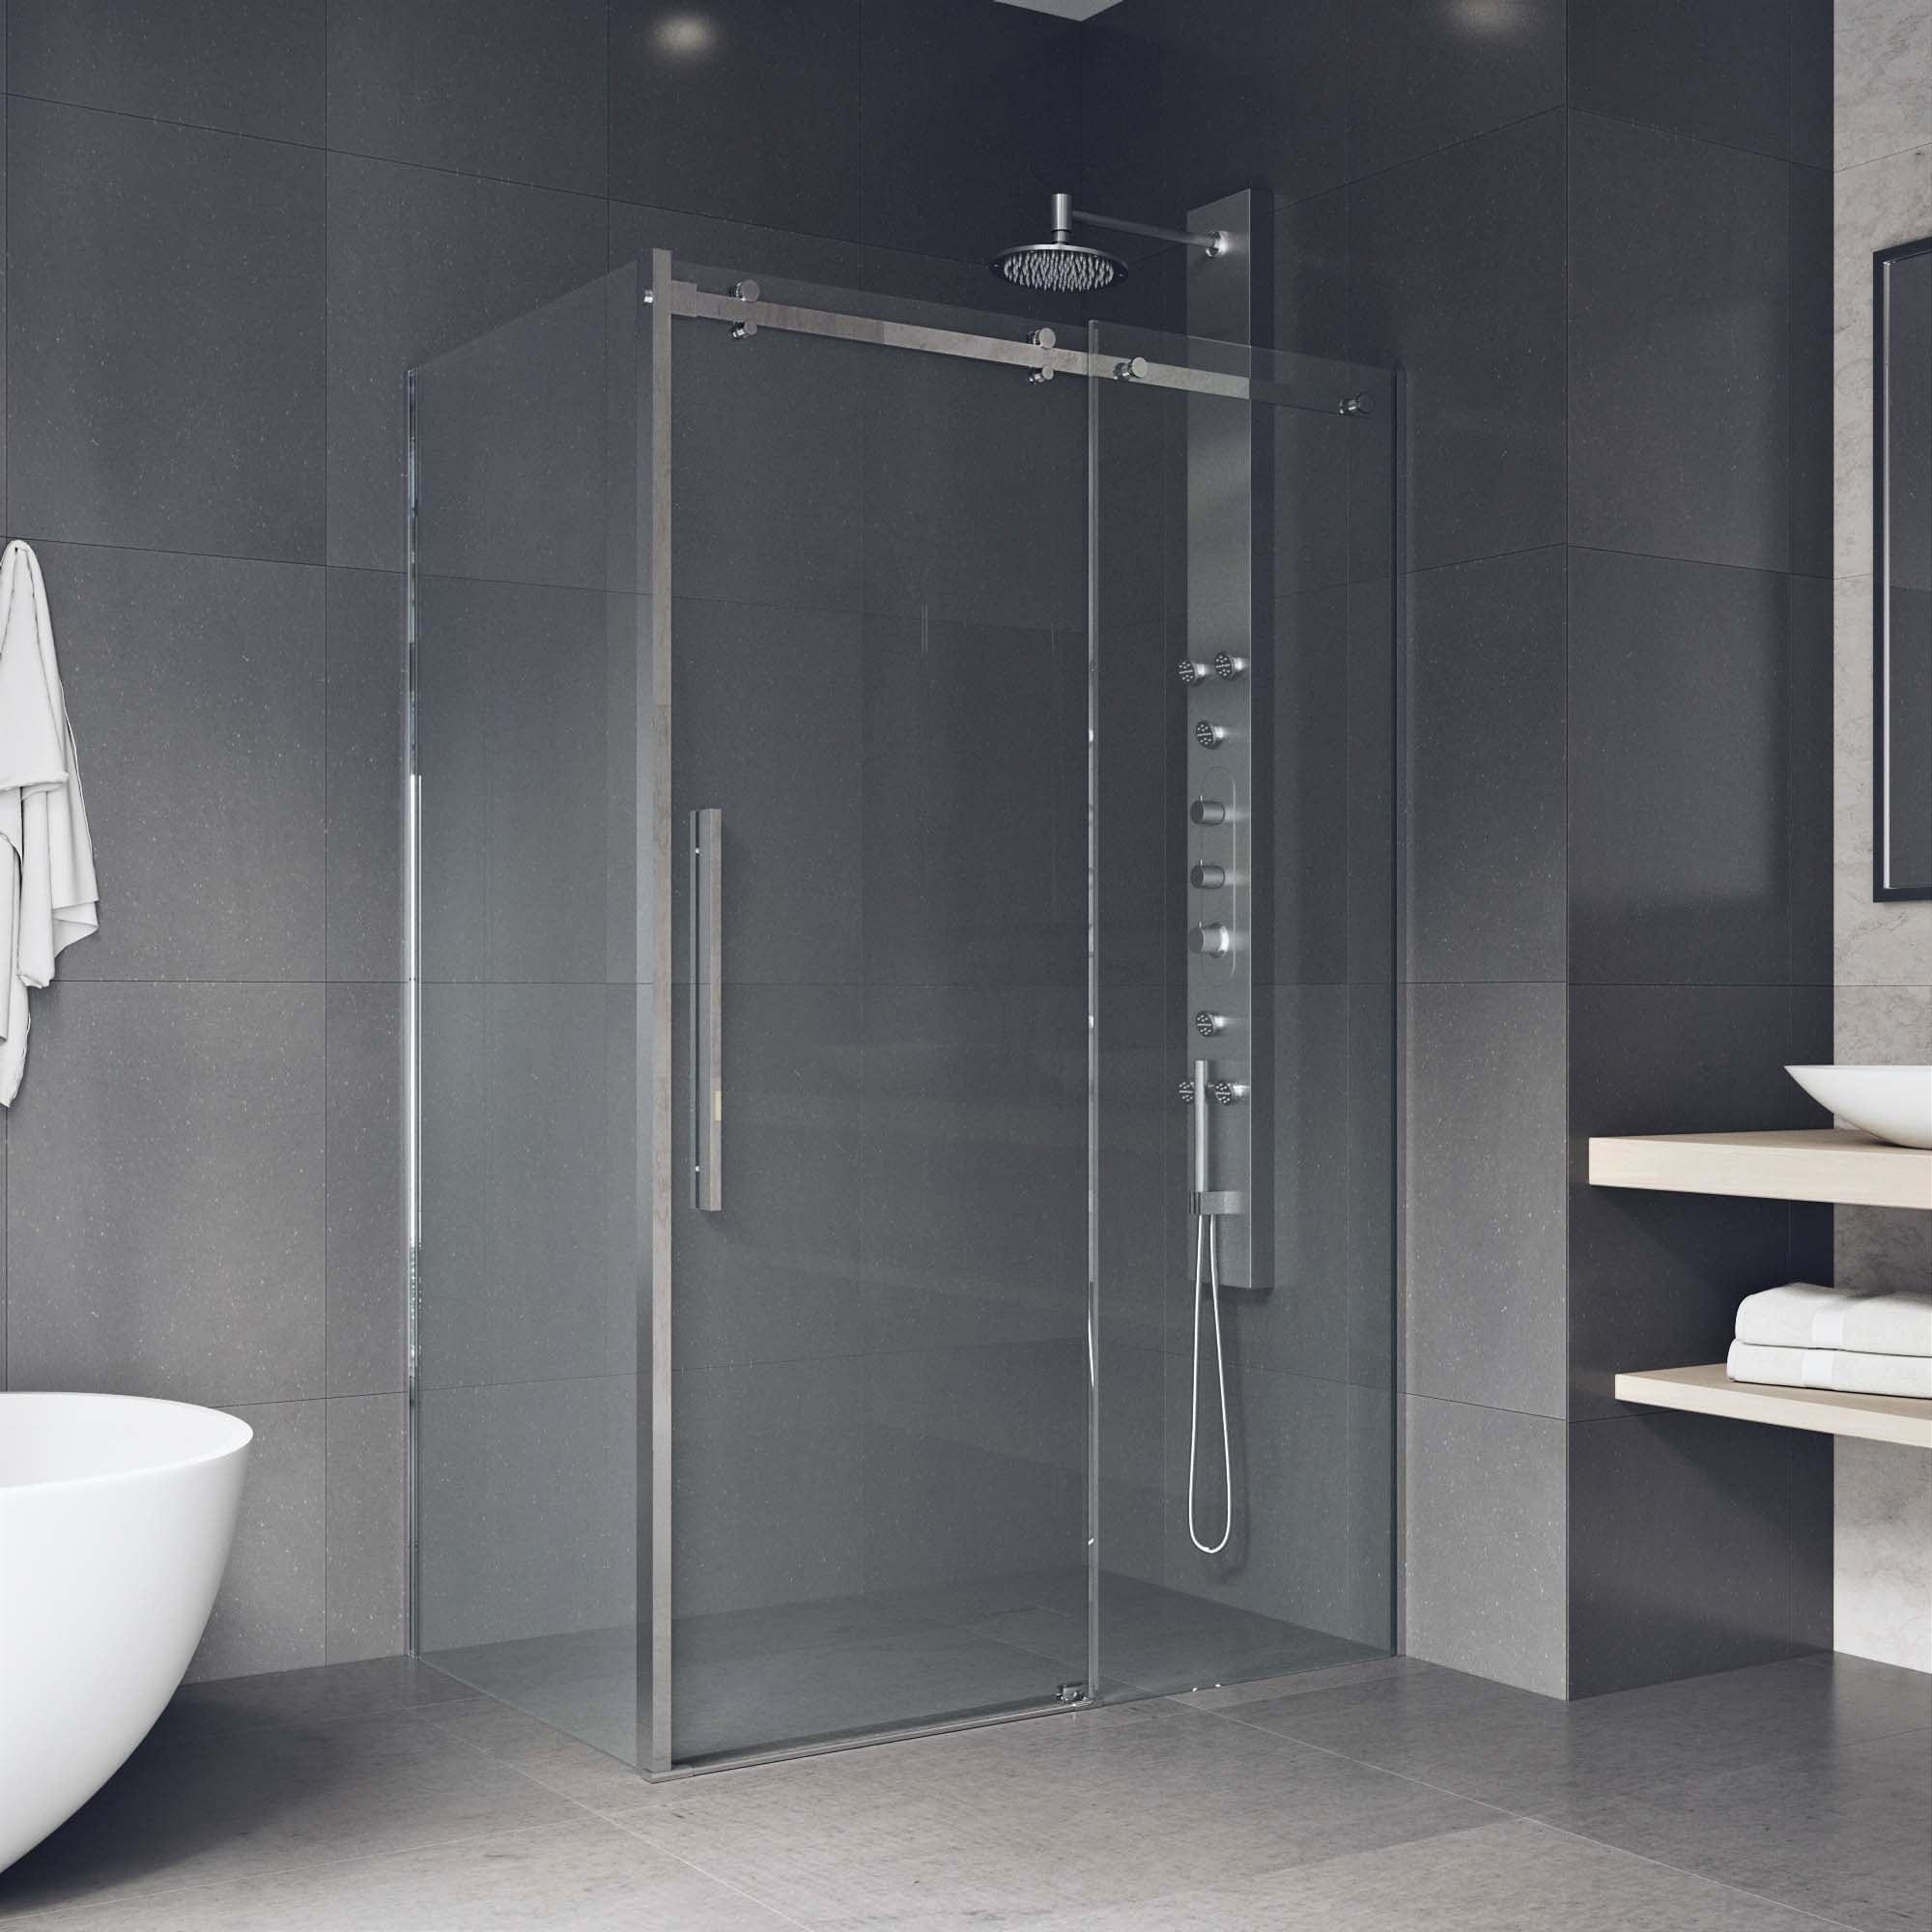 Vigo Alameda Chrome 32x48 Inch Frameless Sliding Door Shower